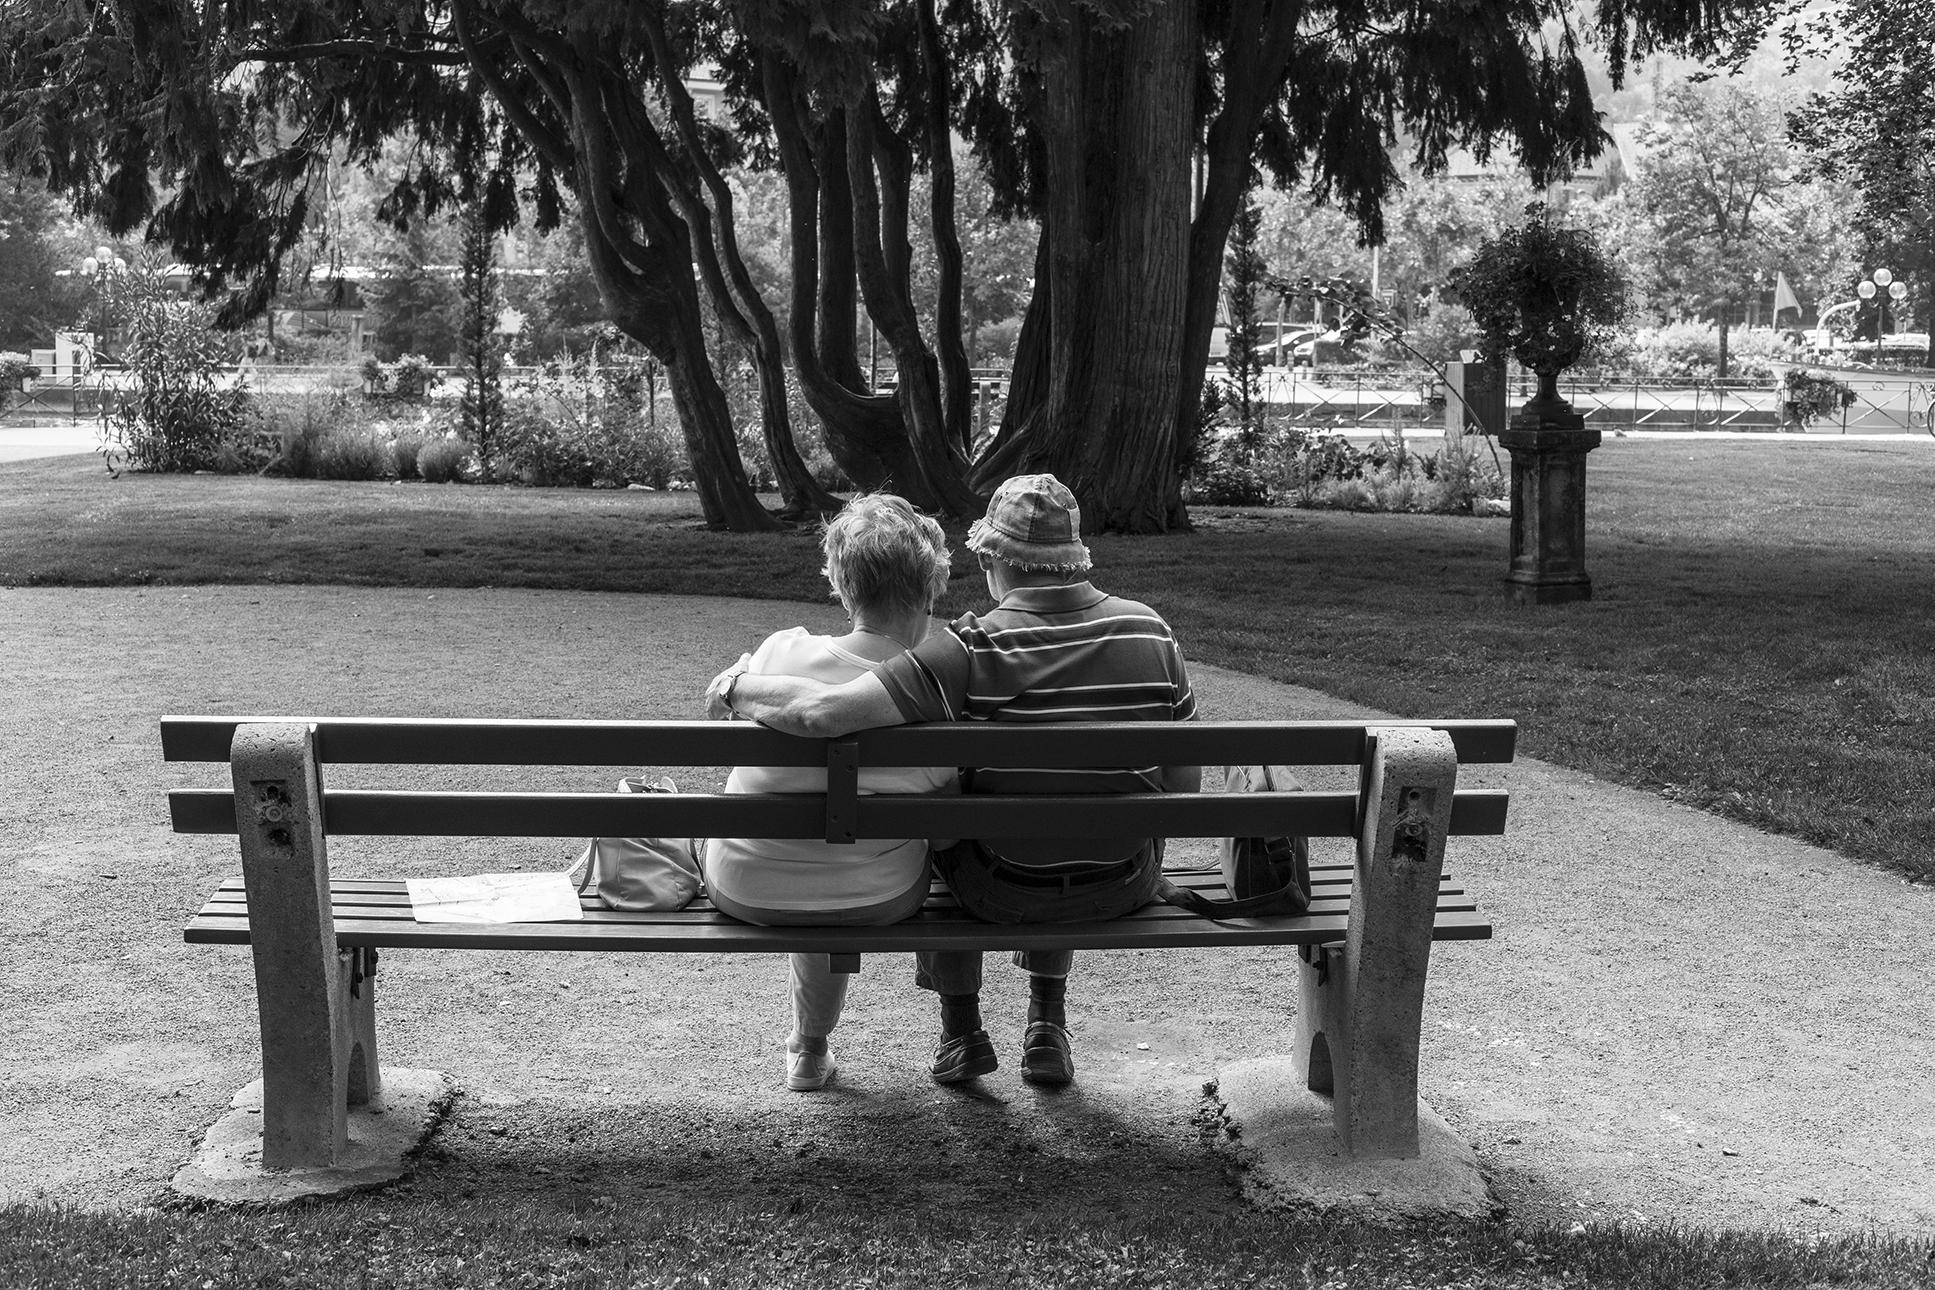 Bancs publics - Petites scènes de vie autour de ces bancs installés dans l'espace public. Lieu d'errance, d'attente ou de détente qui nous offrent l'occasion de faire une pause dans le rythme effréné de nos vies urbaines.